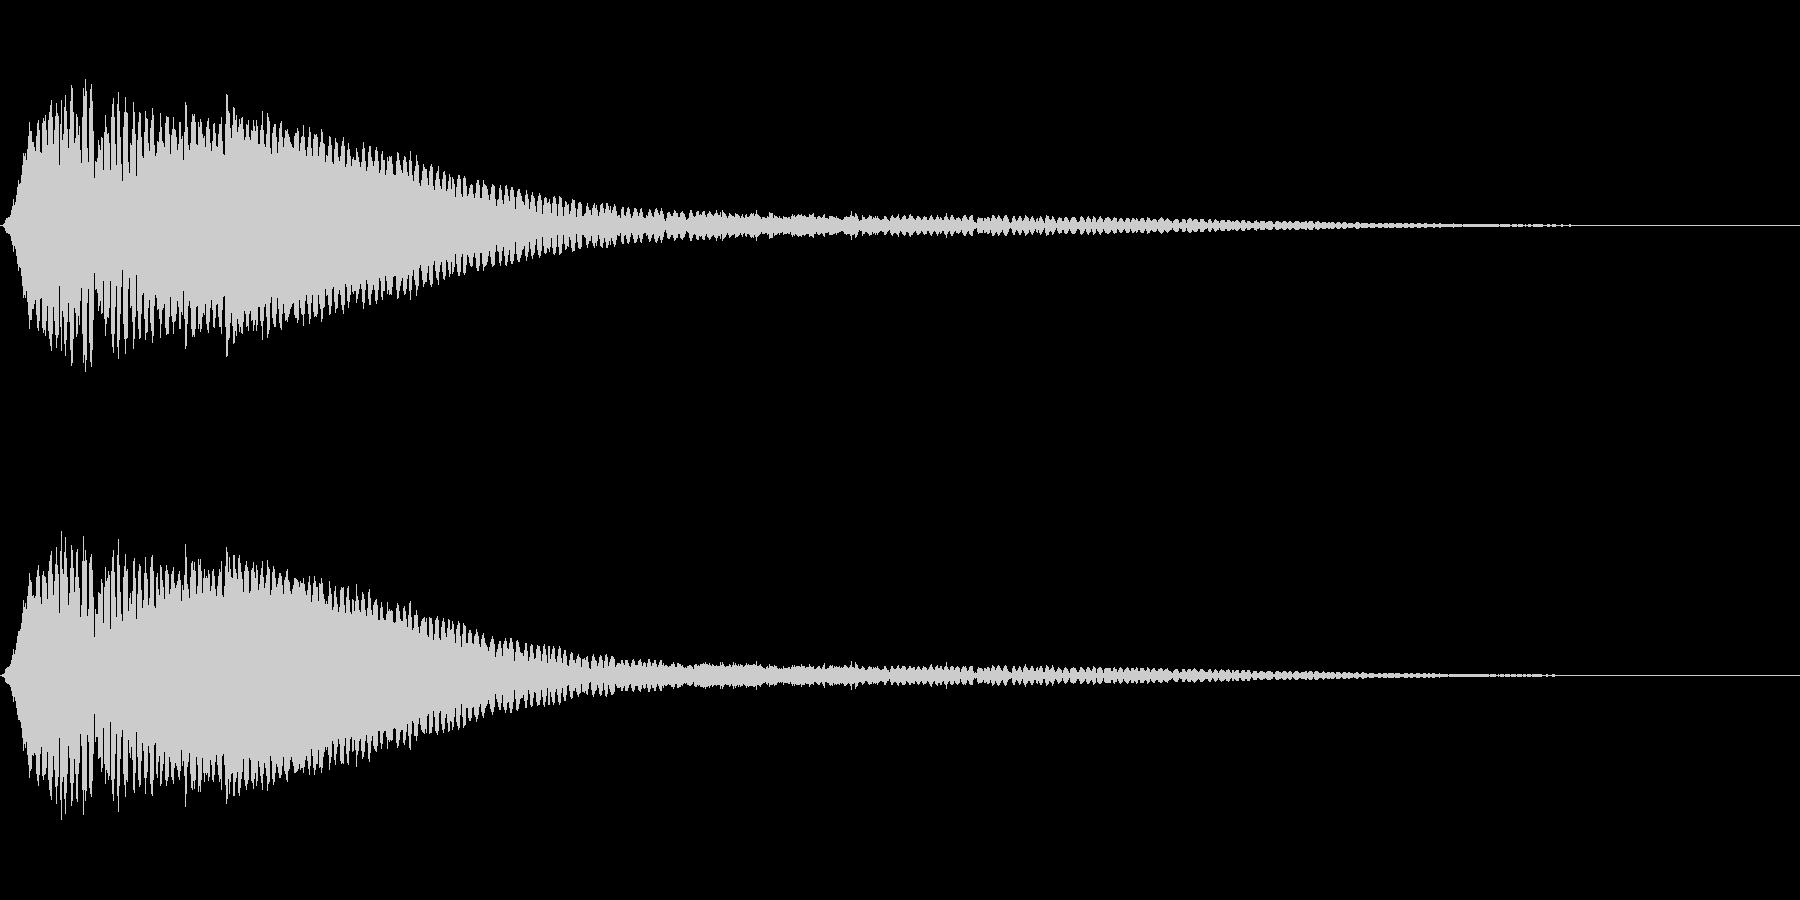 電波ノイズ 4の未再生の波形